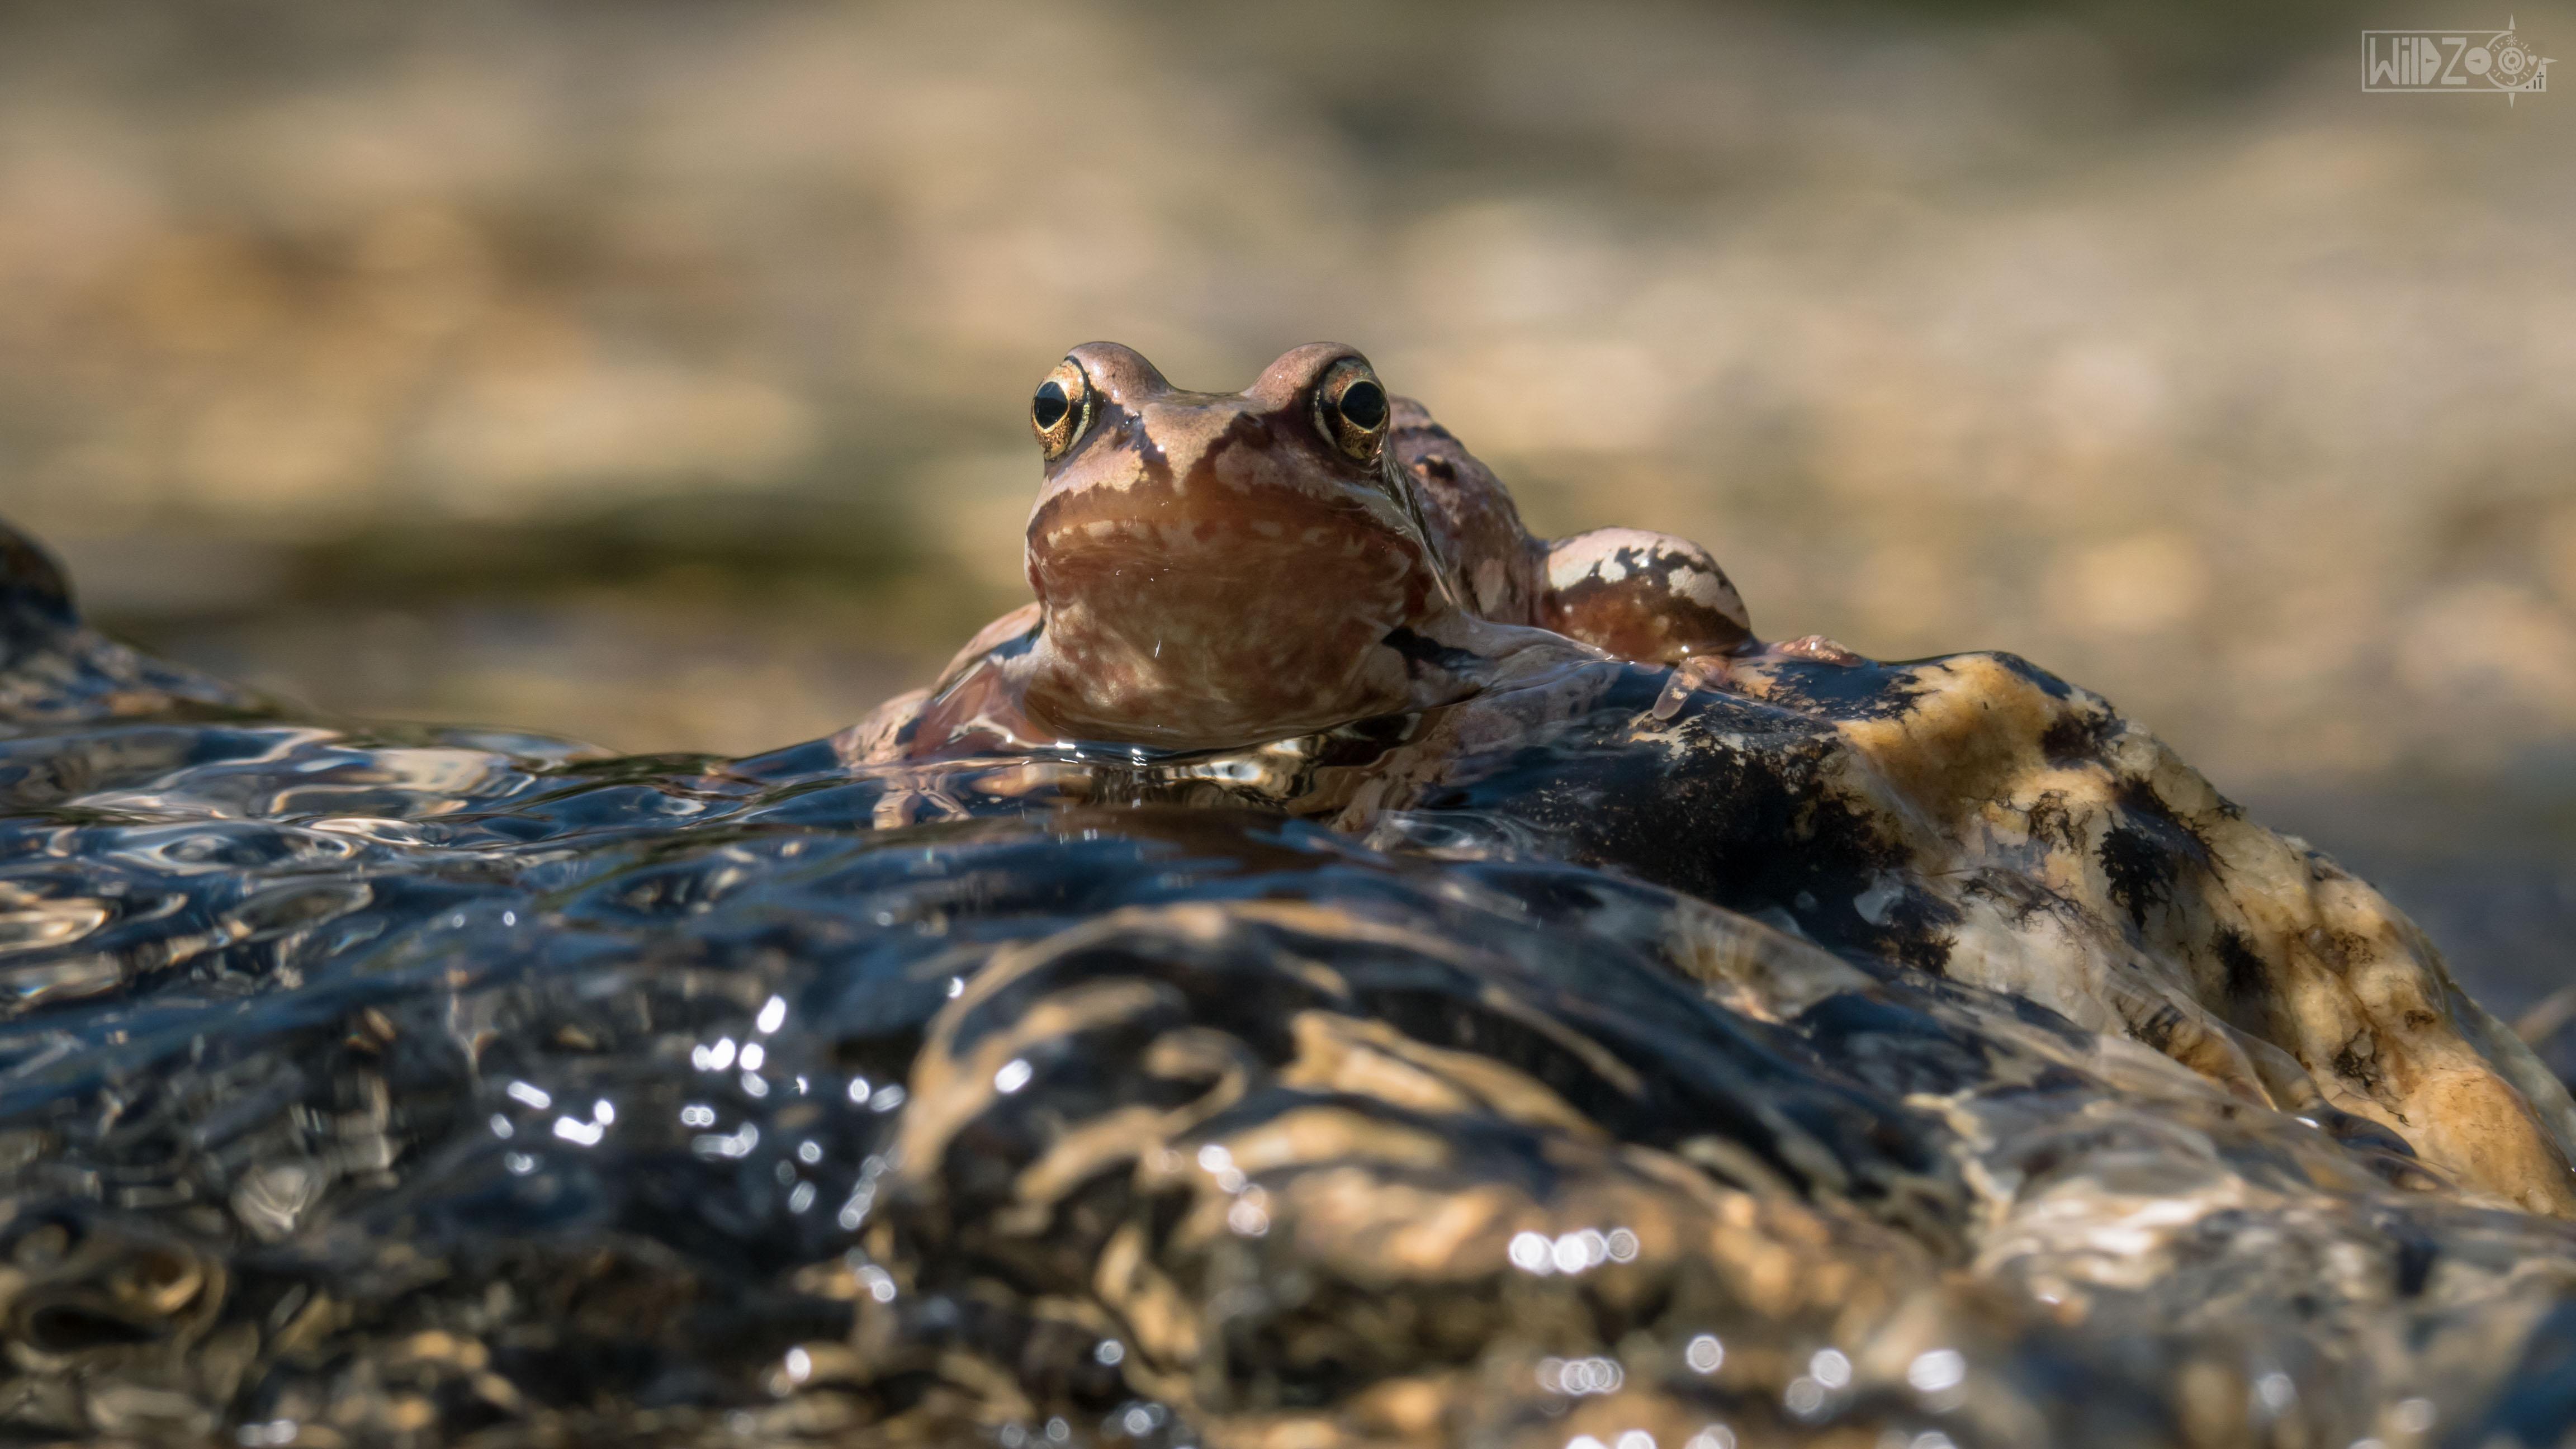 animals-photography-wildzoo